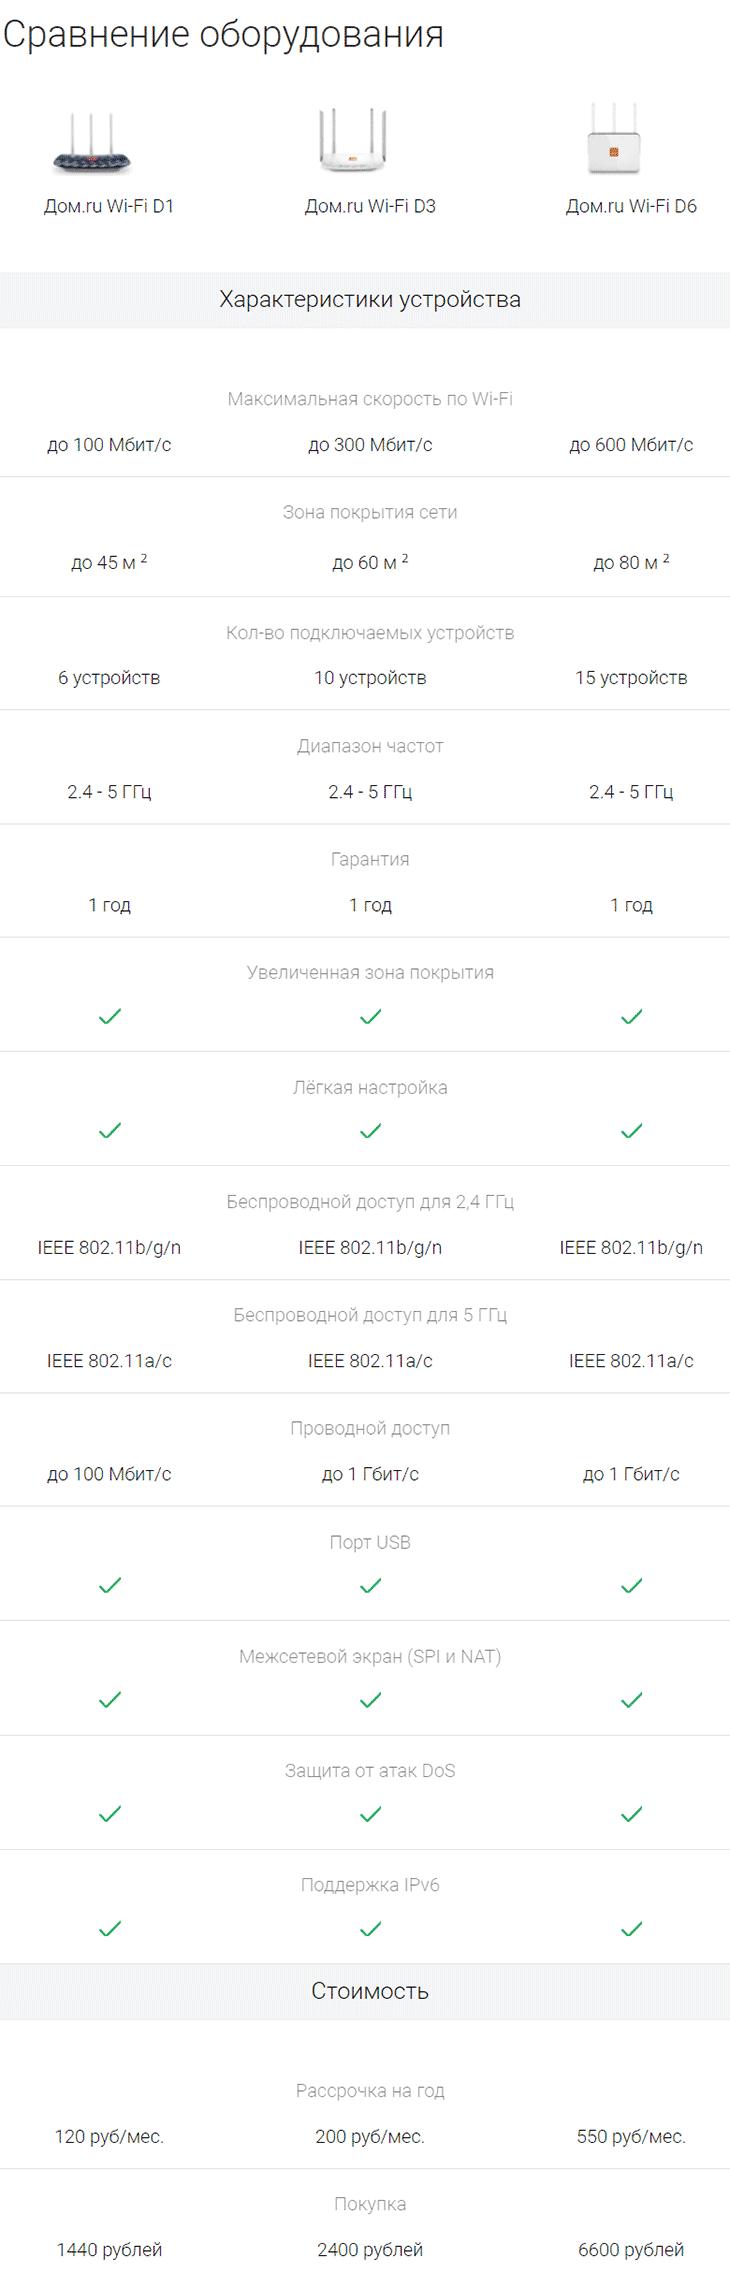 Сравнительная таблица Wi-Fi оборудования Дом ру